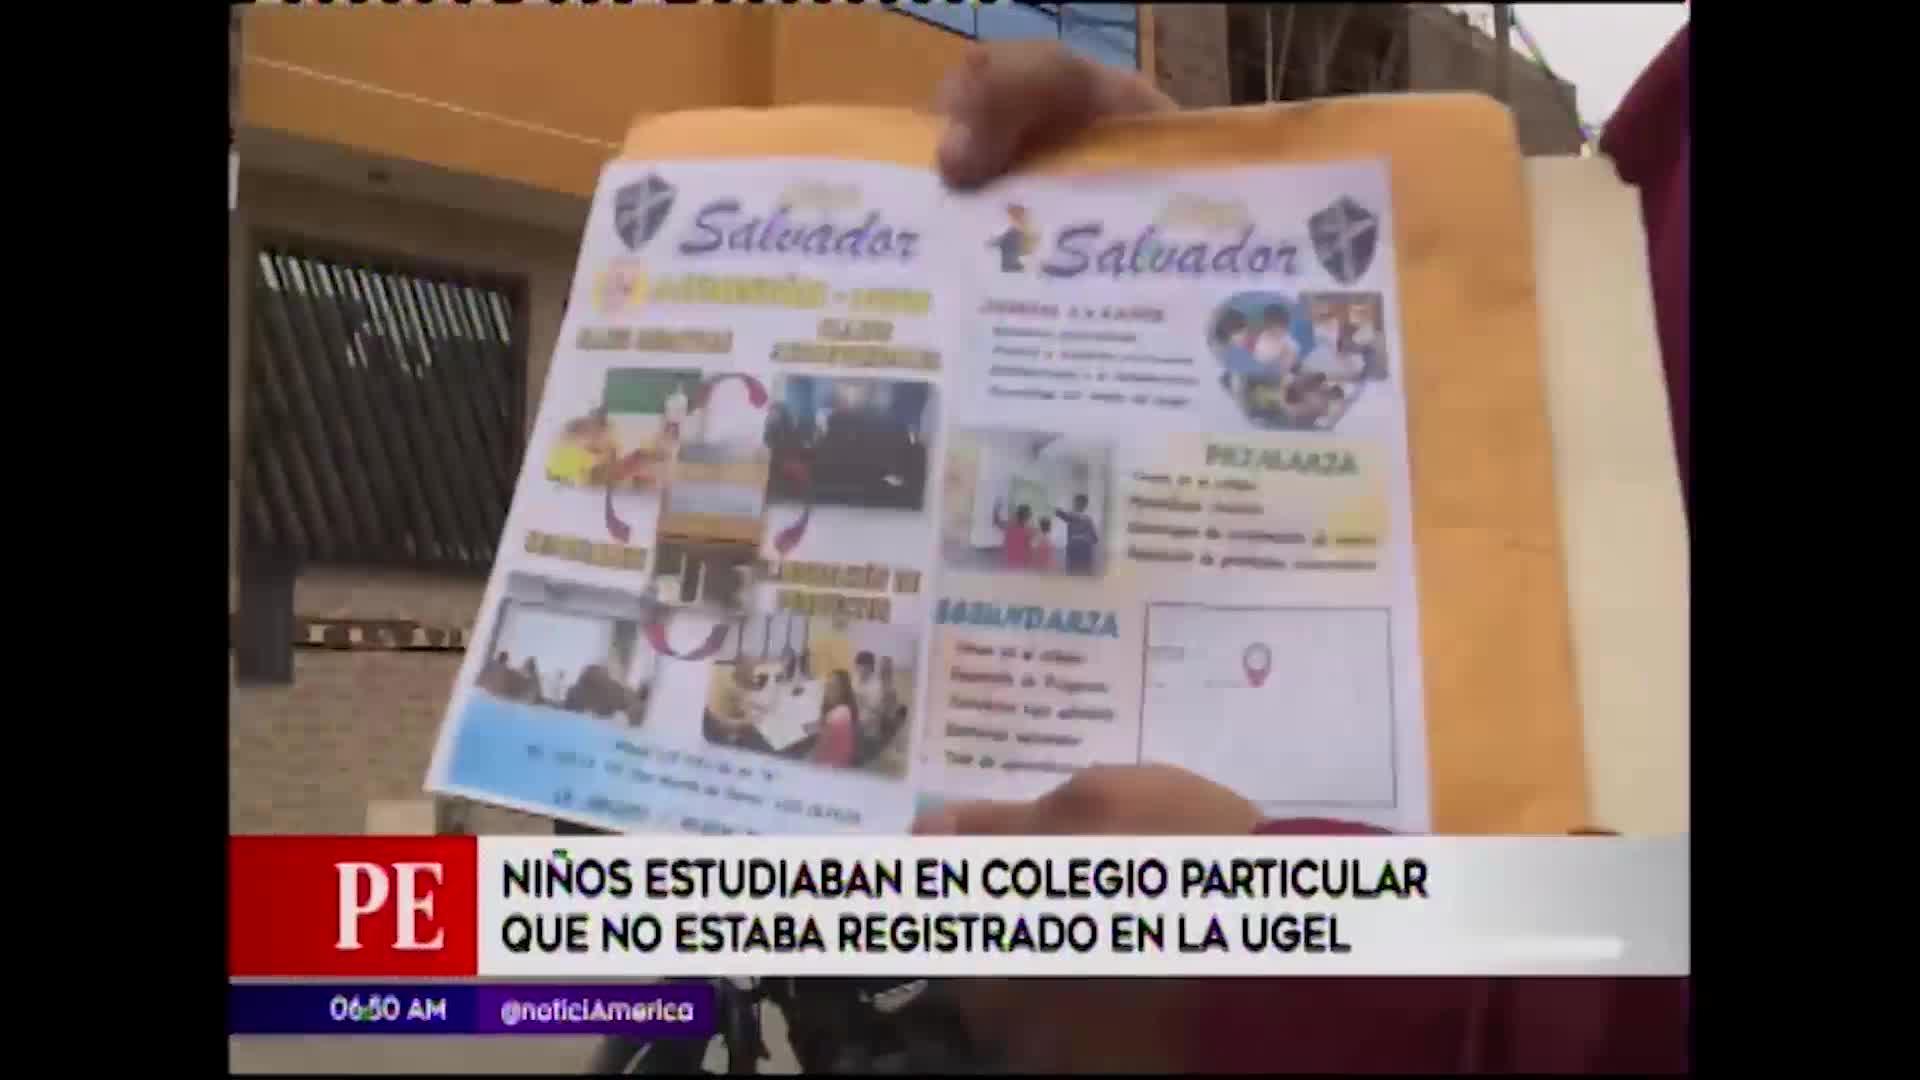 Los Olivos: padre de familia denuncia a colegio por no tener licencia